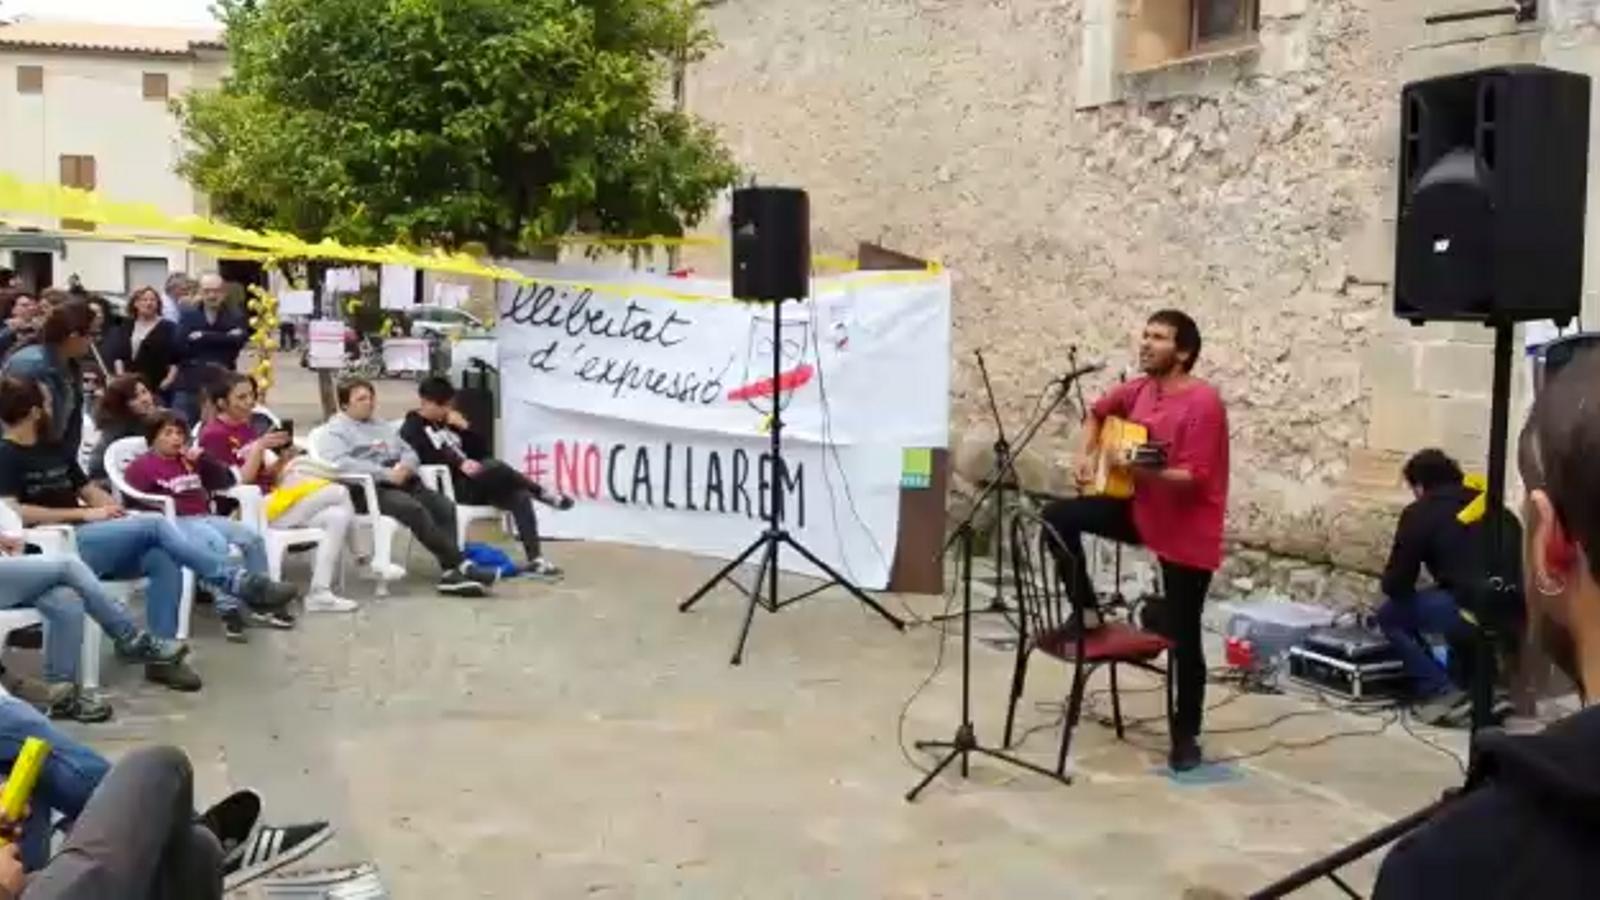 Comencen els concerts a Pollença, amb el lema 'No callarem!'